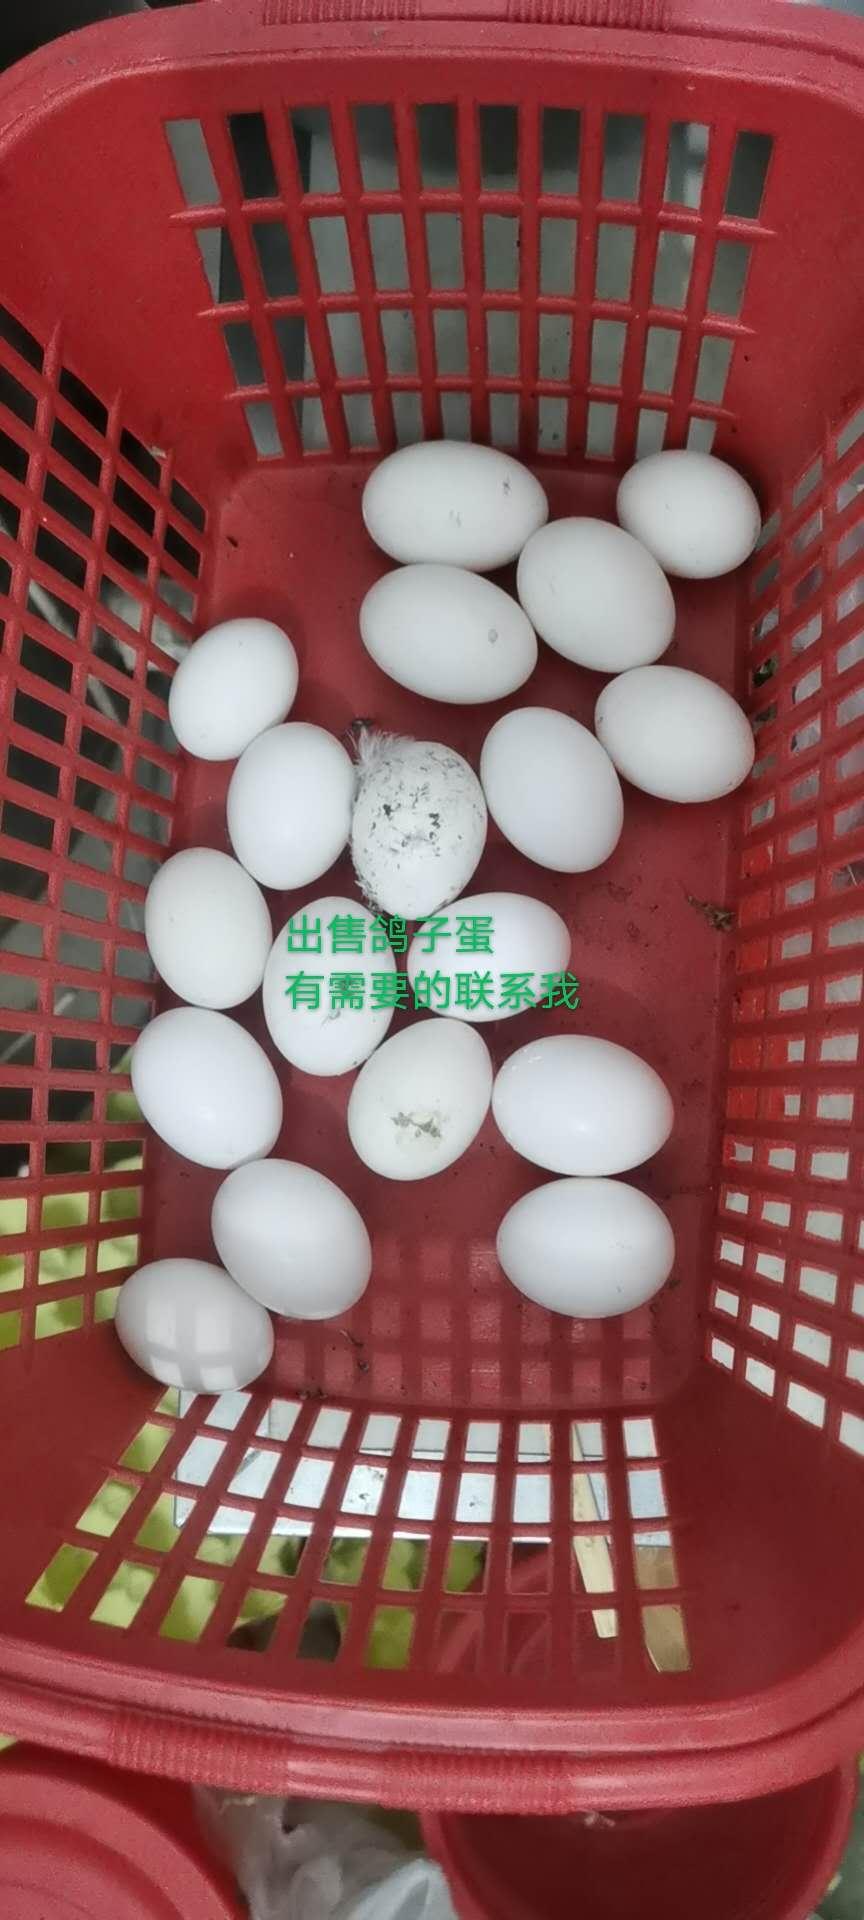 出售鸽子蛋